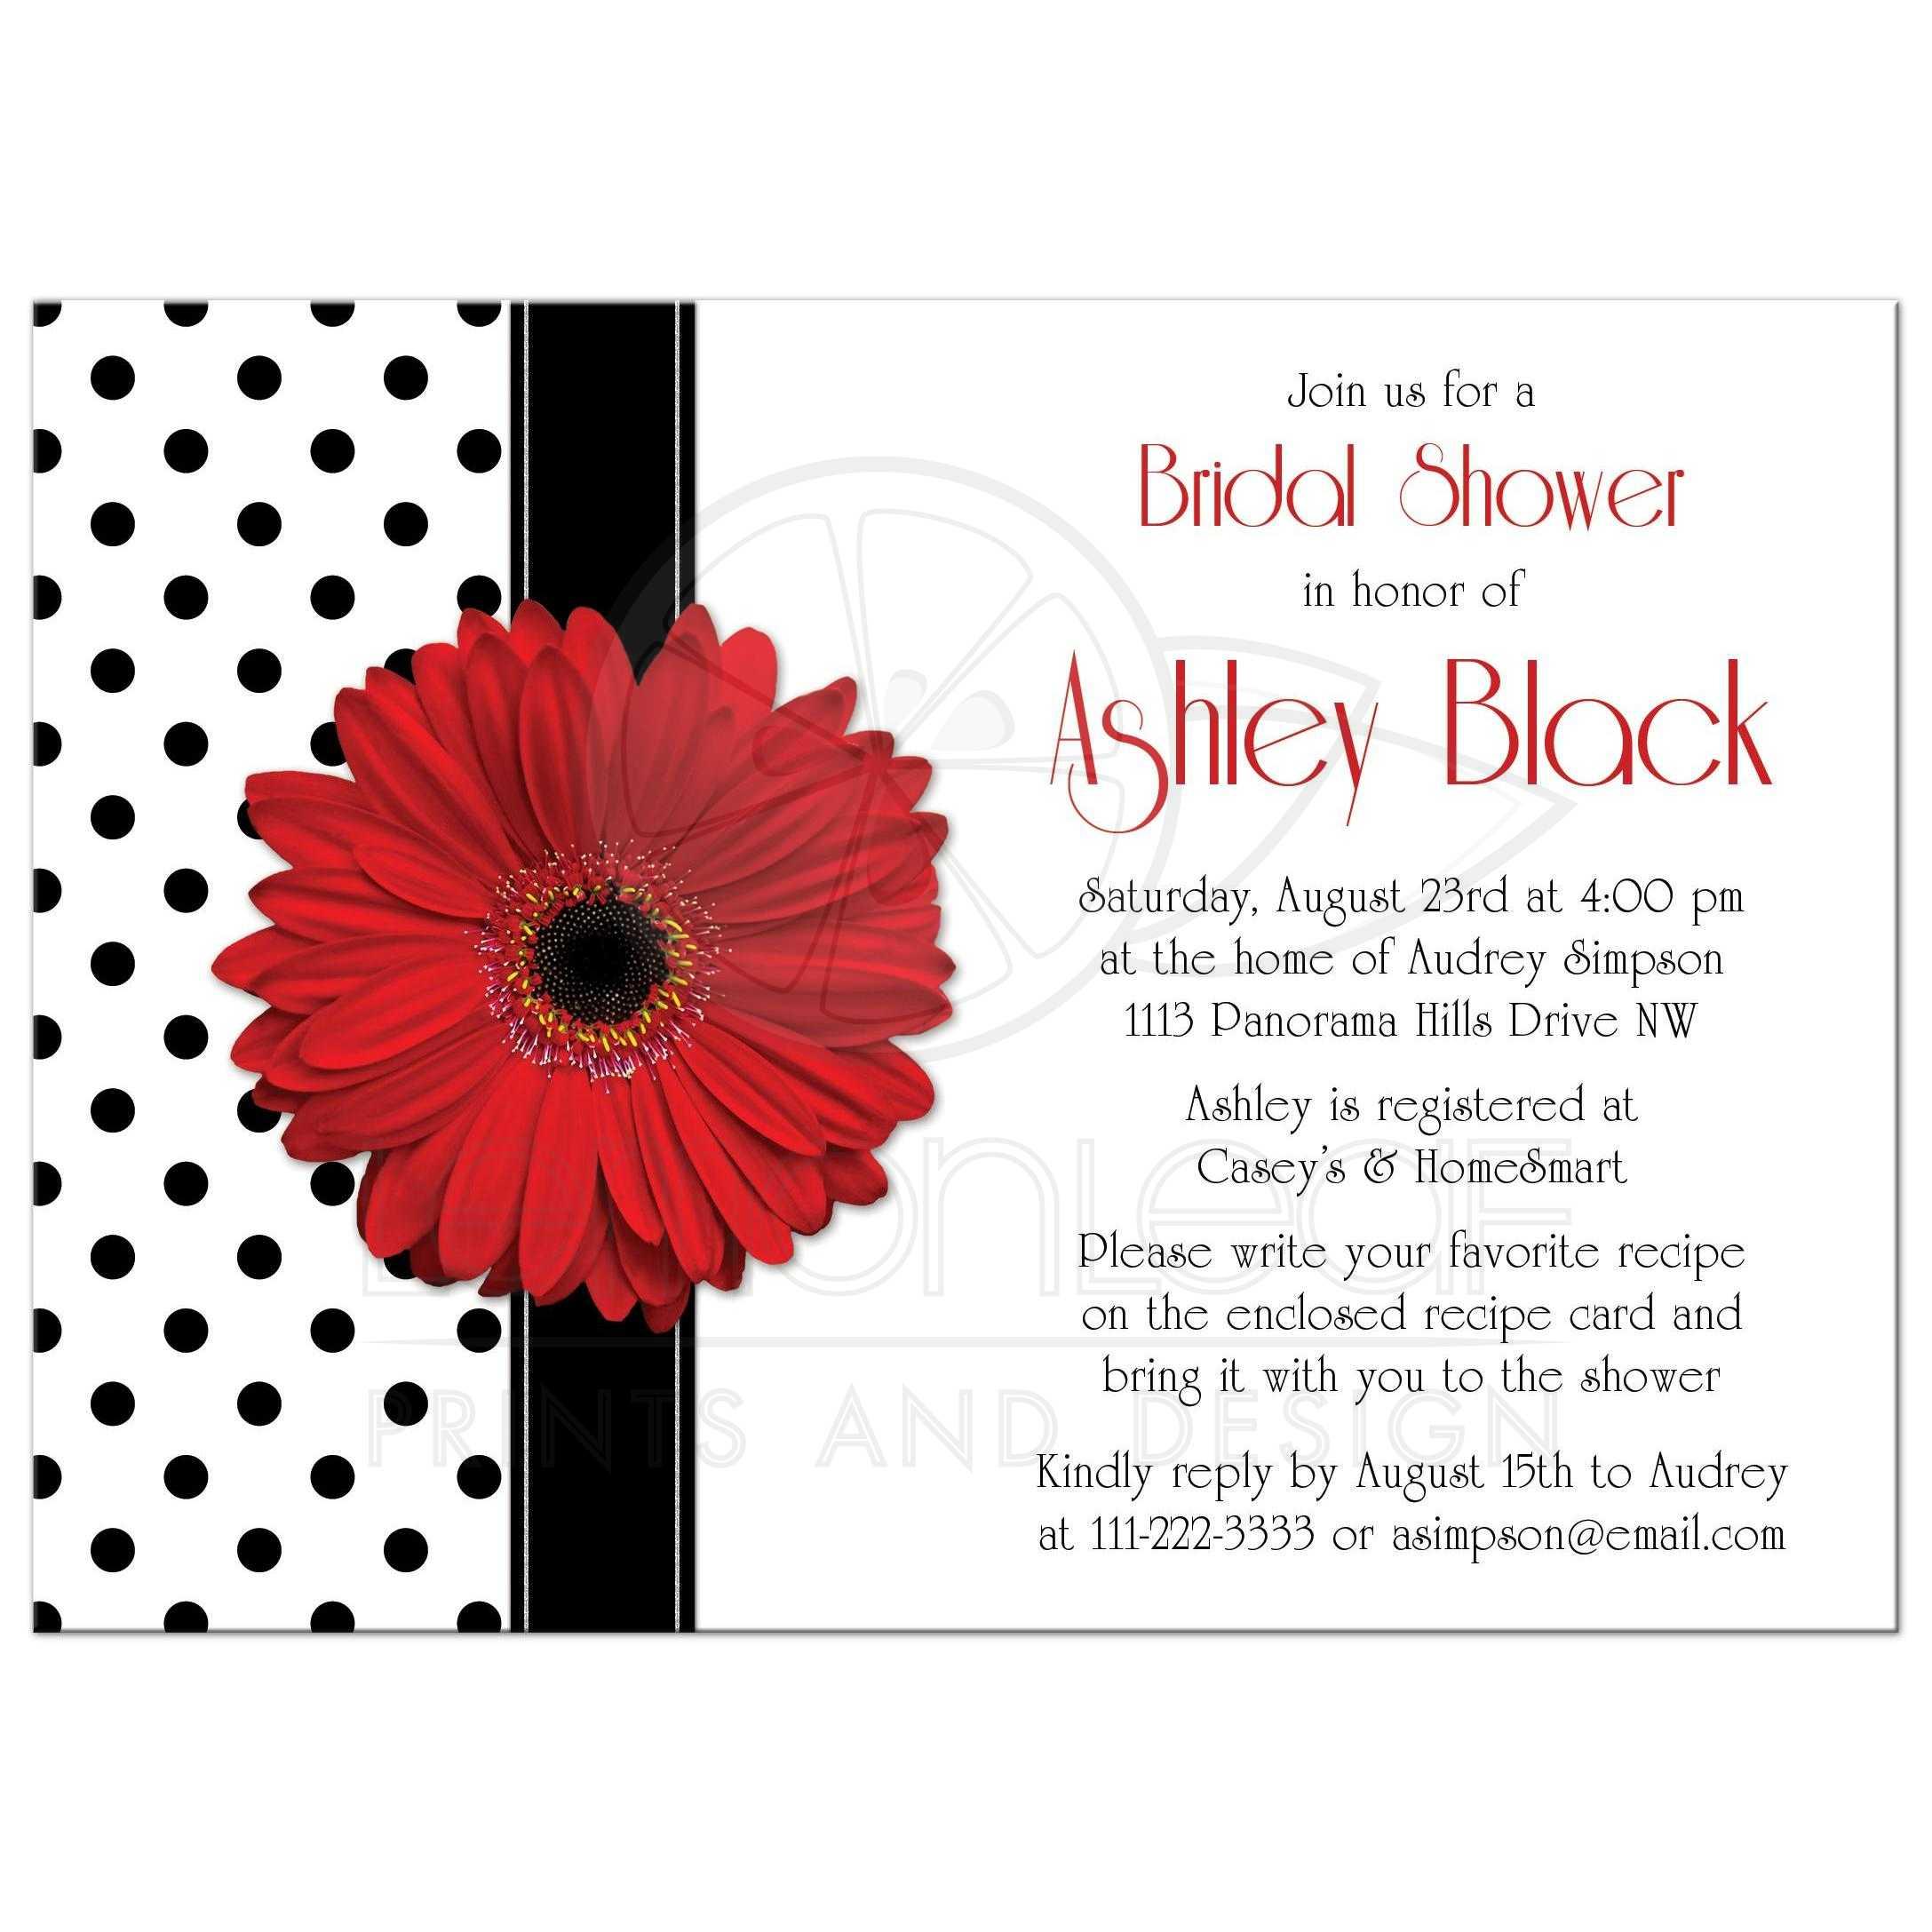 Bridal Shower Invitation Red Gerbera Daisy Polka Dot